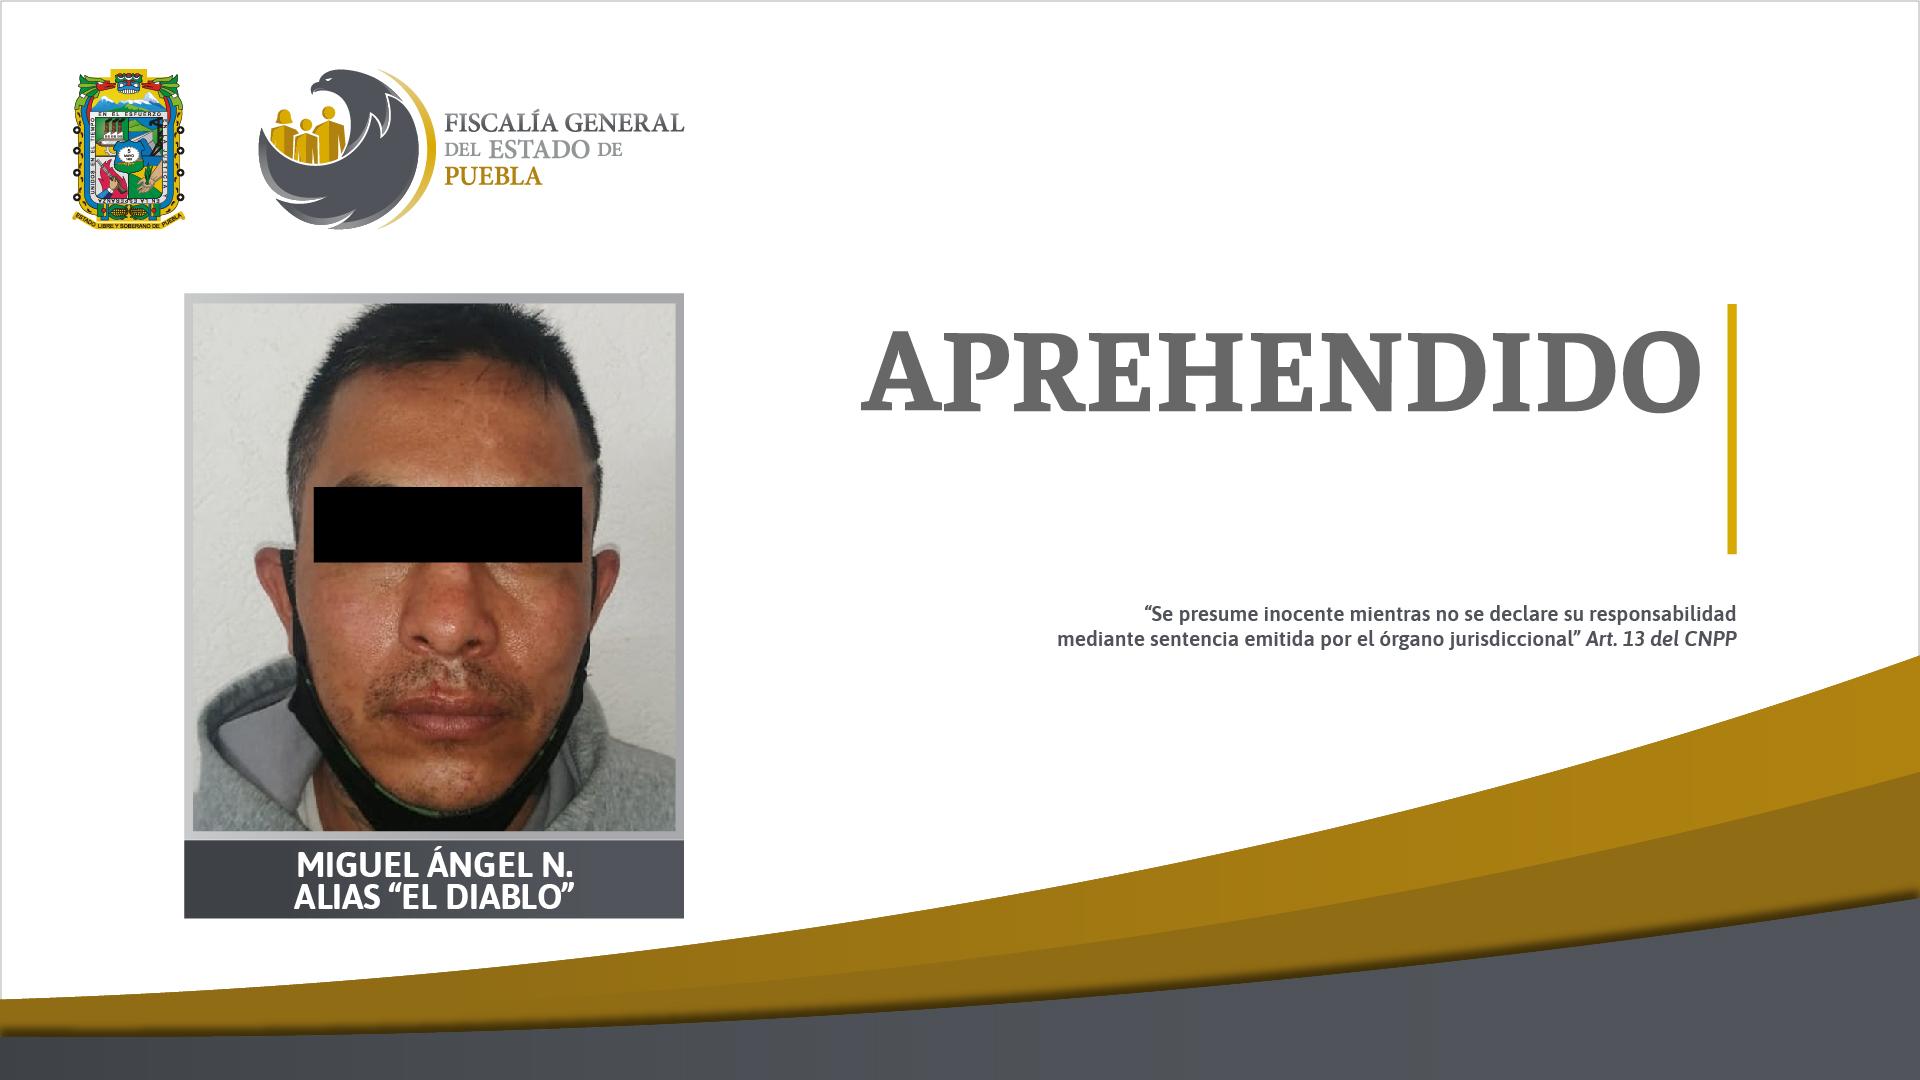 """FGE aprehendió a Miguel Ángel N. """"El Diablo"""" por homicidio en grado de tentativa"""